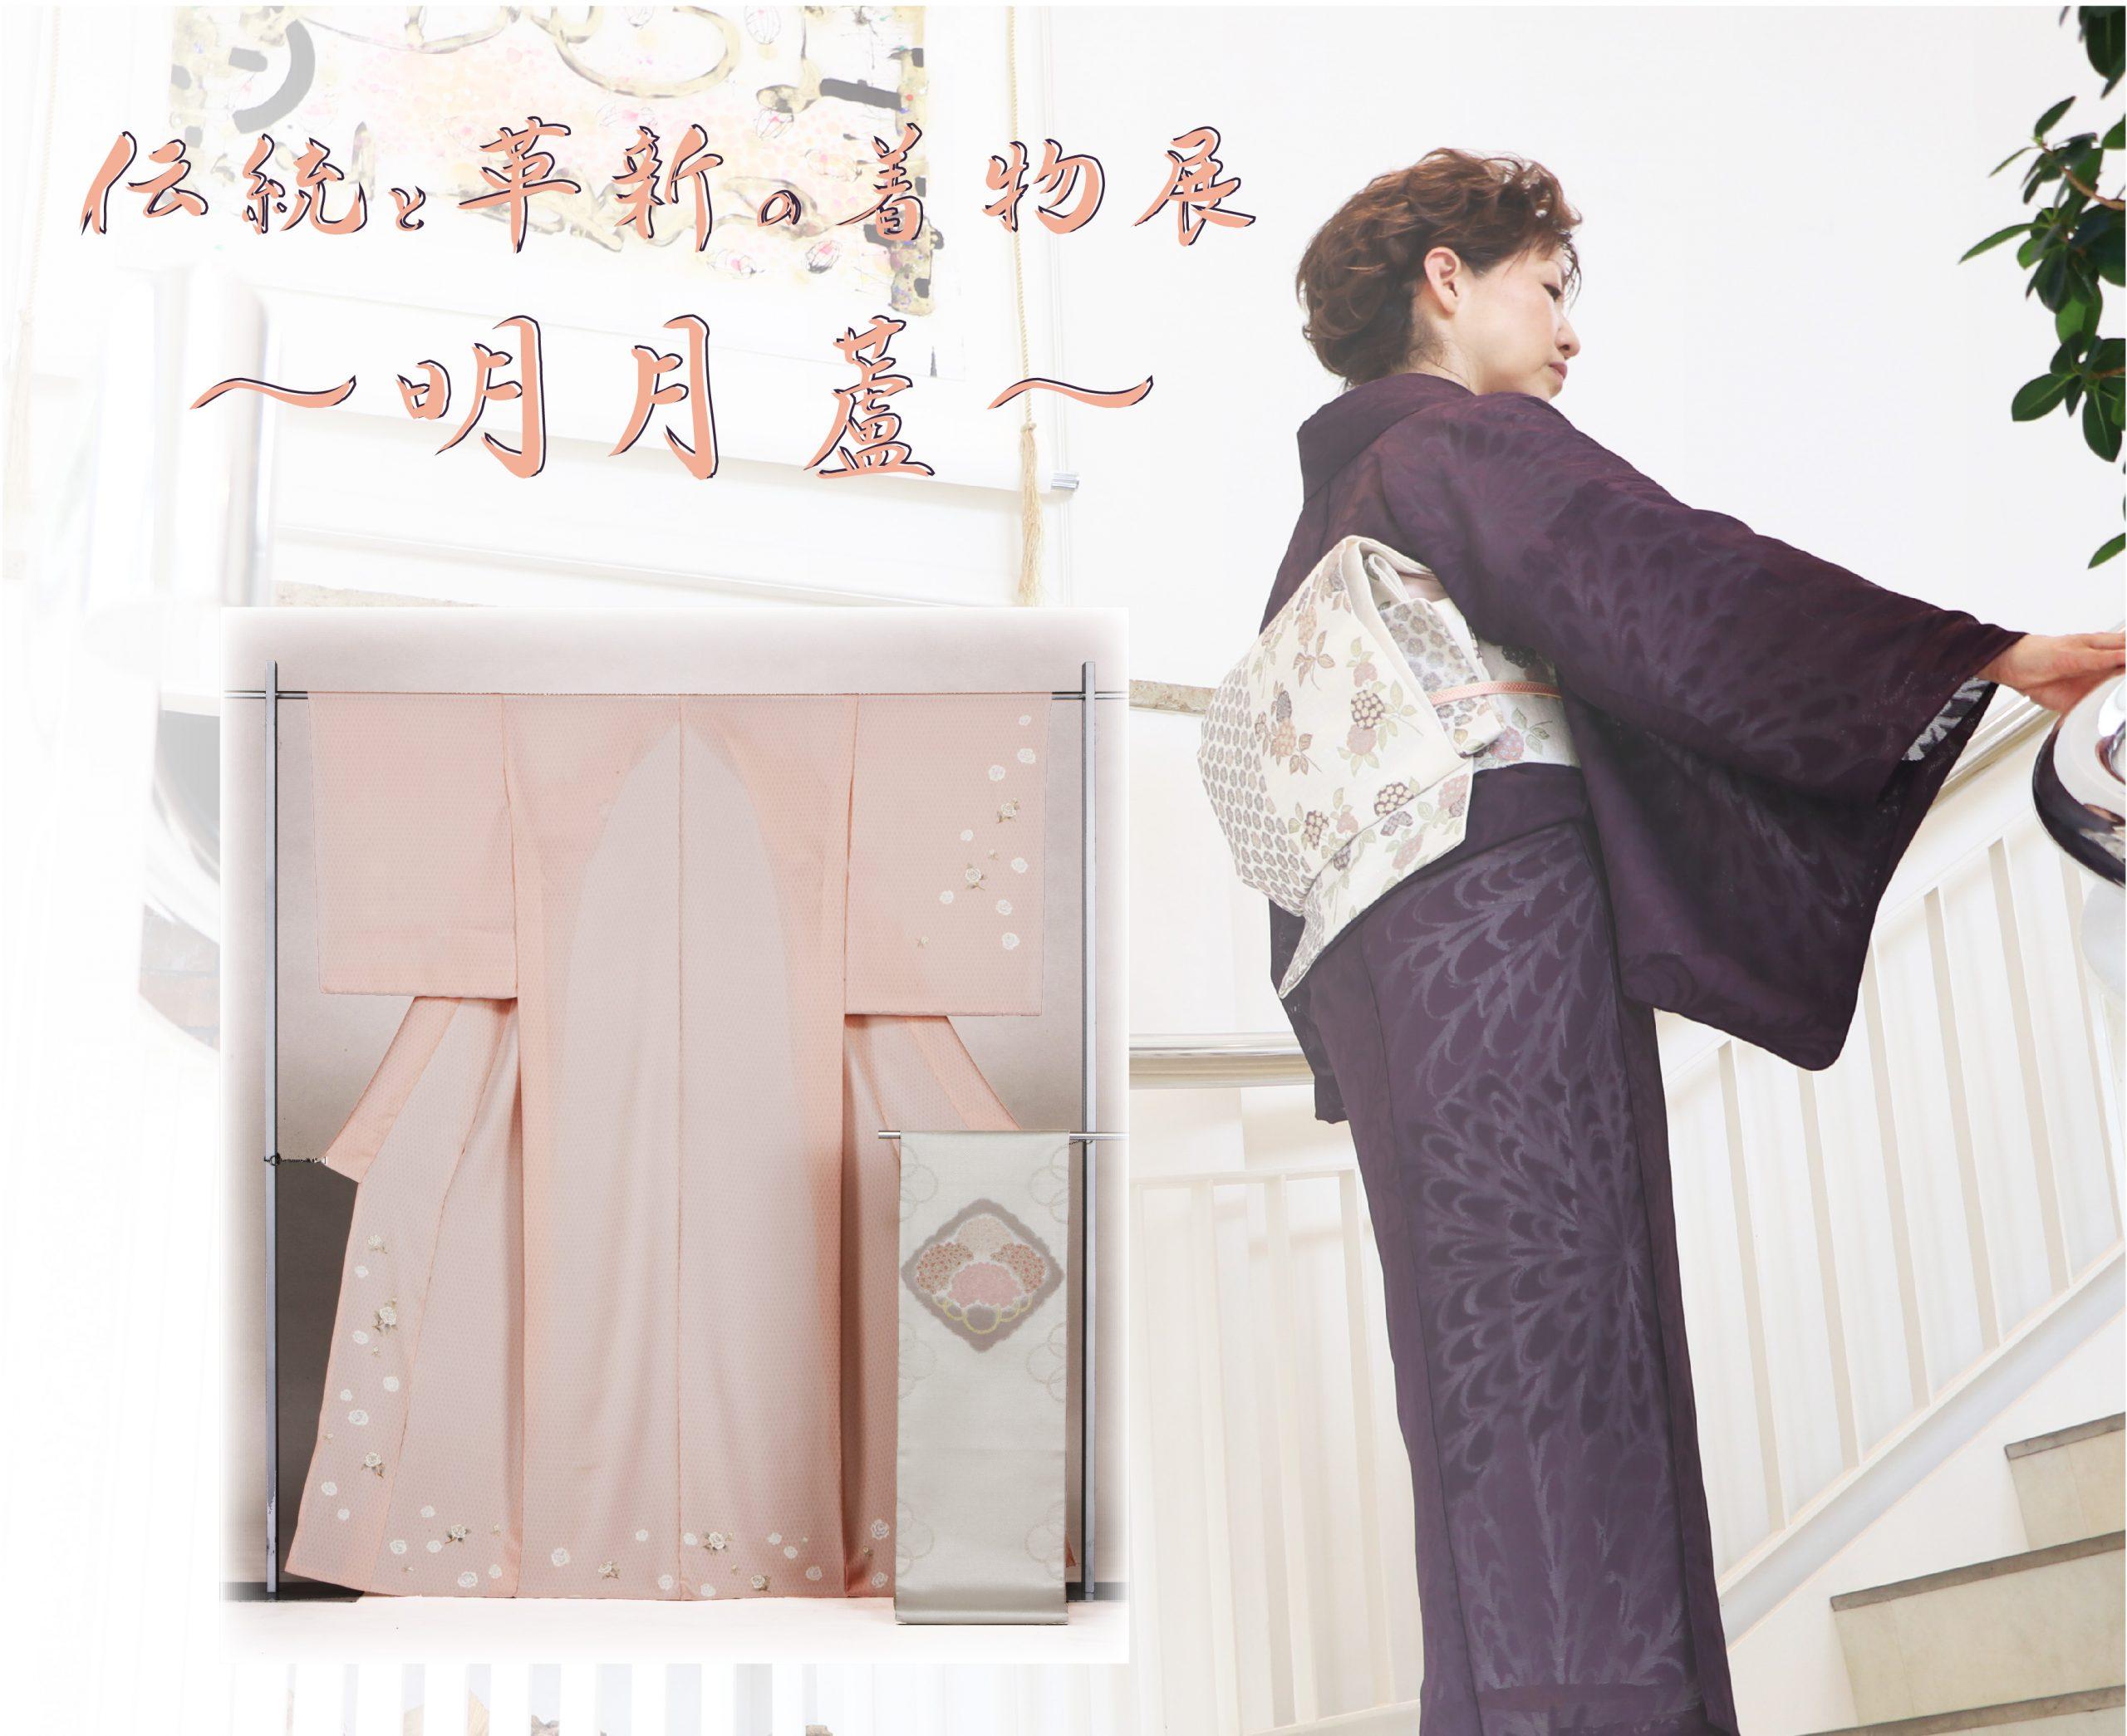 【米子店】4月展示 明月蘆 ~伝統と革新の着物展~